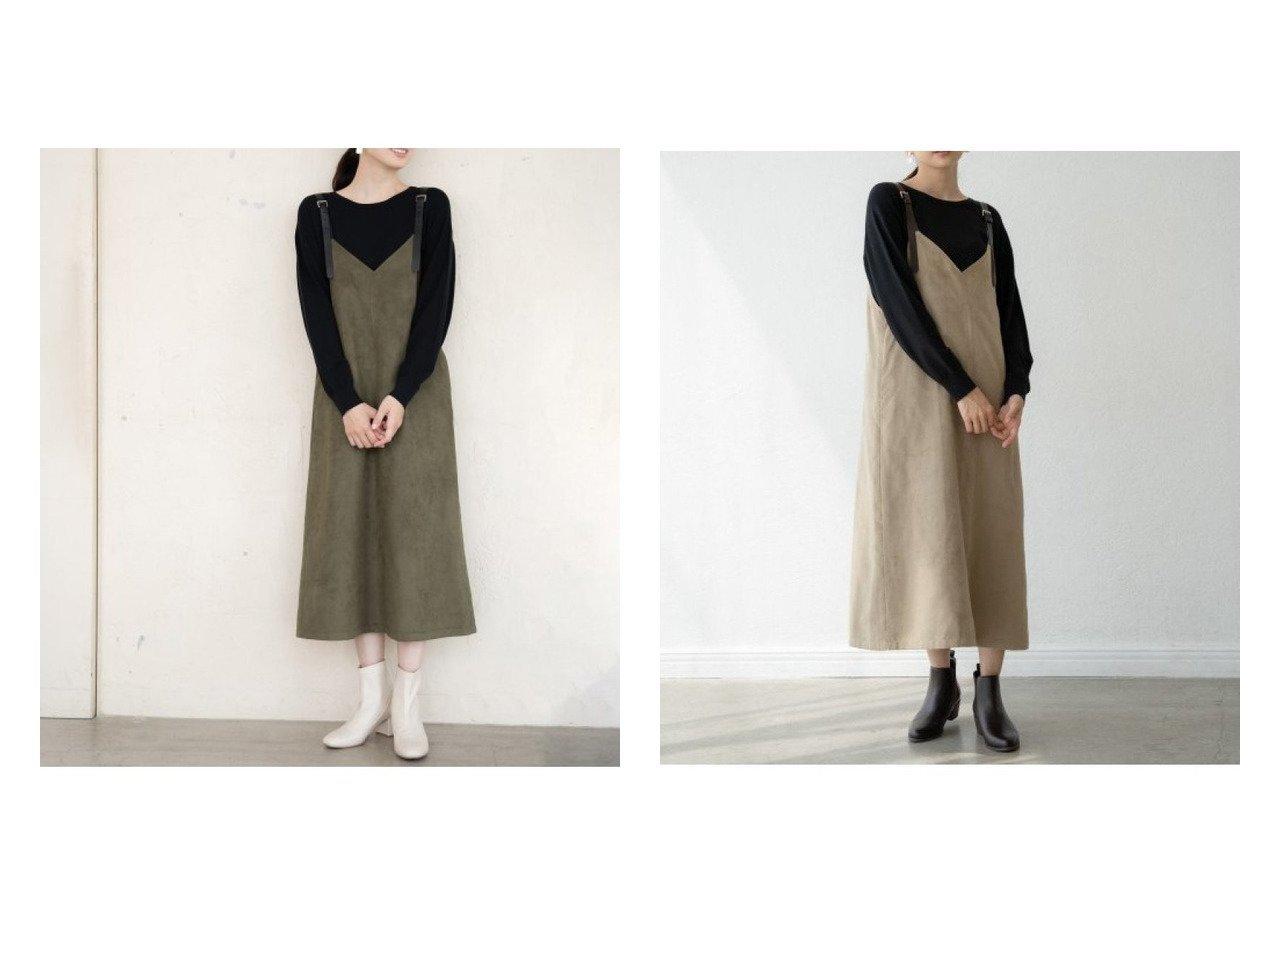 【LEPSIM LOWRYS FARM/レプシィム ローリーズファーム】のFレザーベルトキャミOP ワンピース・ドレスのおすすめ!人気、レディースファッションの通販 おすすめで人気のファッション通販商品 インテリア・家具・キッズファッション・メンズファッション・レディースファッション・服の通販 founy(ファニー) https://founy.com/ ファッション Fashion レディース WOMEN ワンピース Dress キャミワンピース No Sleeve Dresses ベルト Belts インナー キャミワンピース ジャケット リブニット 秋冬 A/W Autumn/ Winter  ID:crp329100000002962